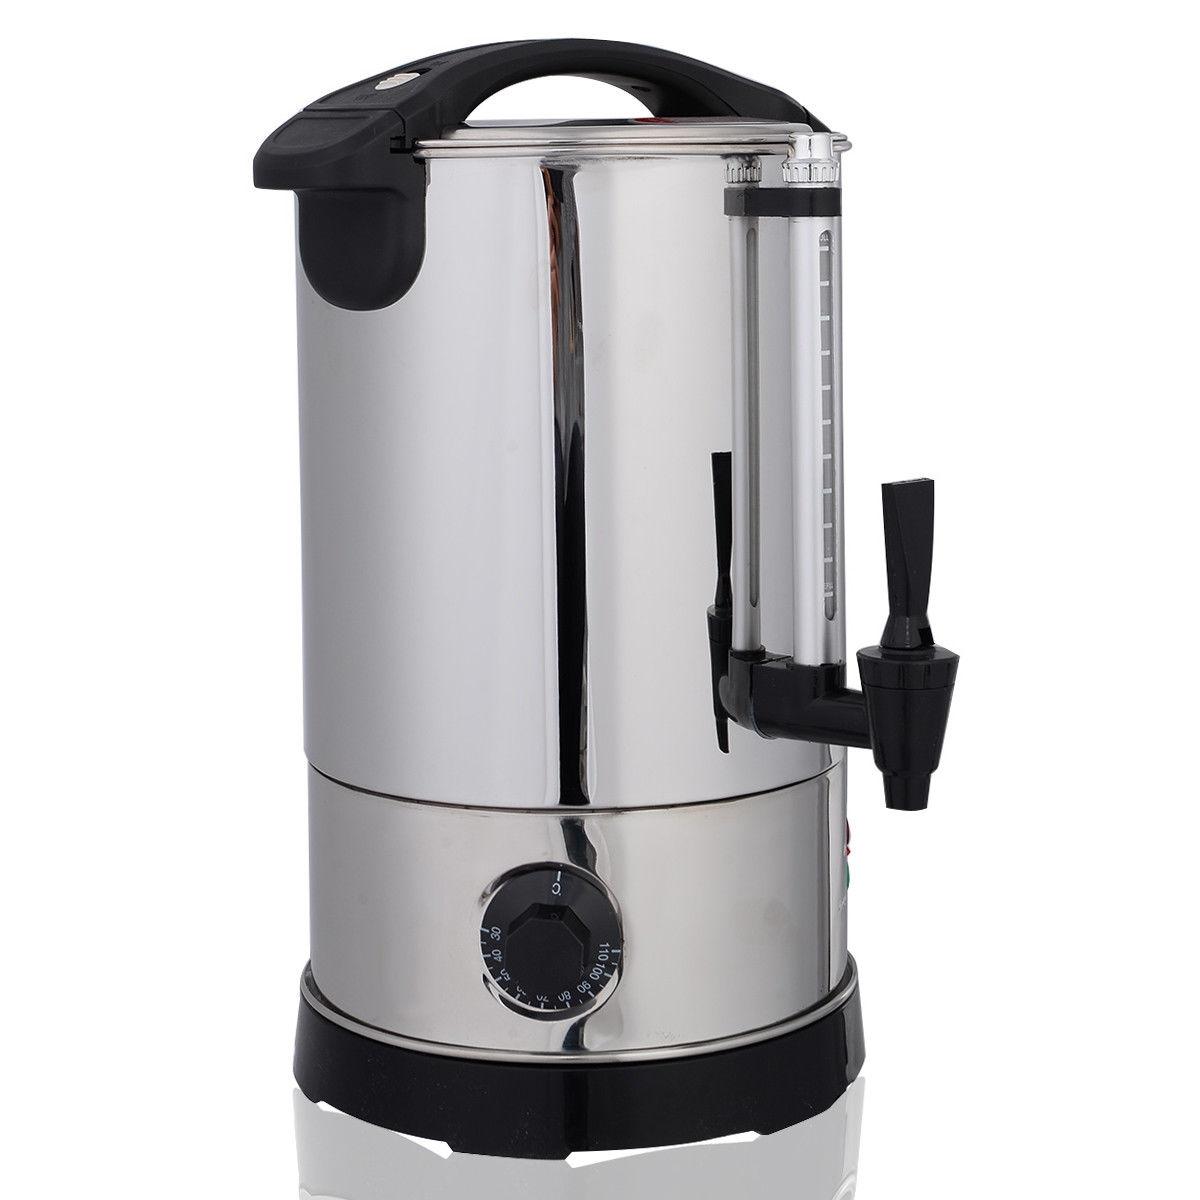 6-quart Stainless Steel Electric Water Boiler Kettle Dispenser KC39990